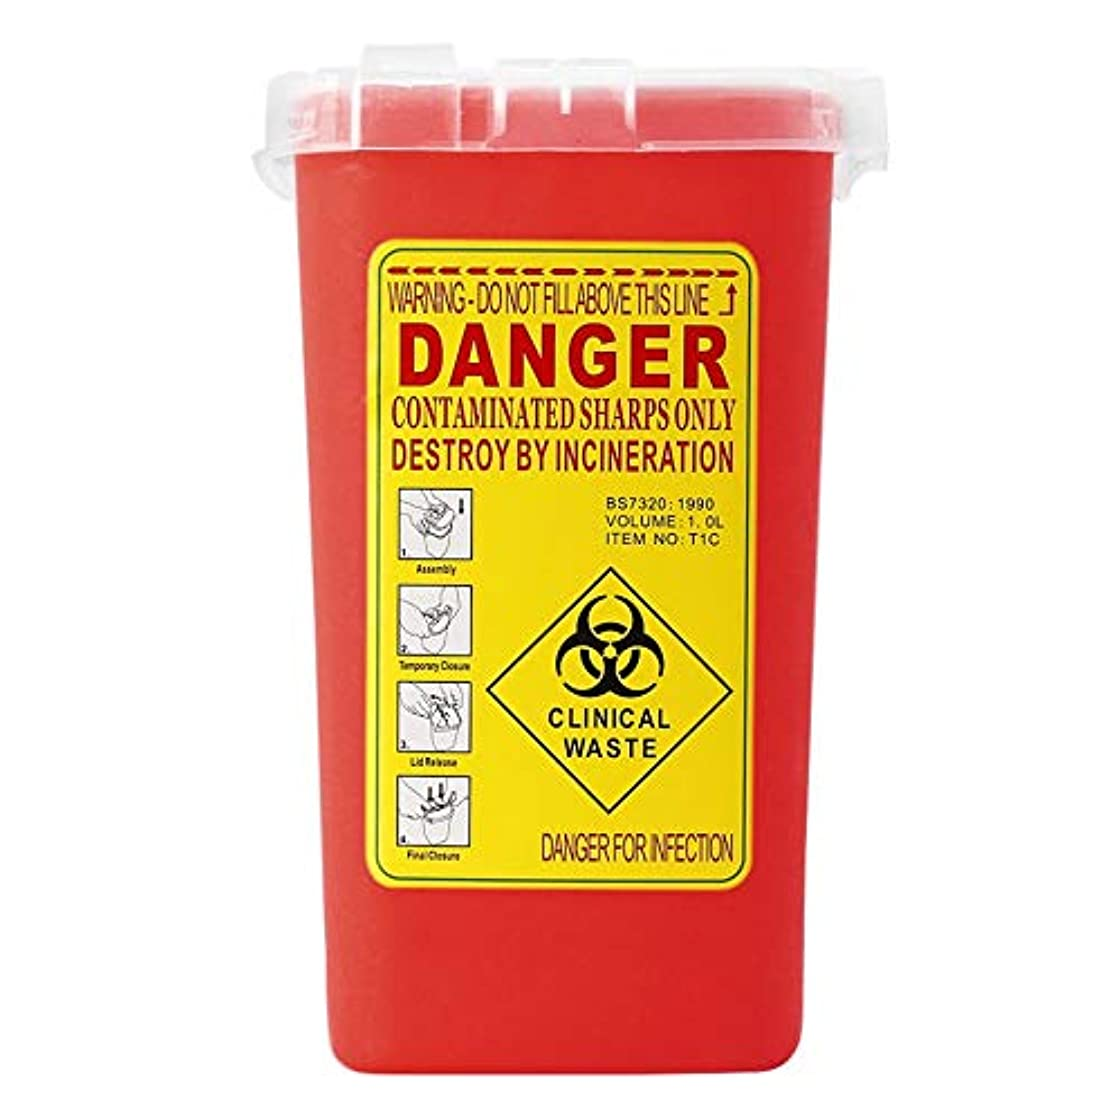 伸ばすバラ色挑むタトゥー医療プラスチックシャープコンテナバイオハザードニードル処分1Lサイズゴミ箱用感染廃棄物ボックス収納 - 赤